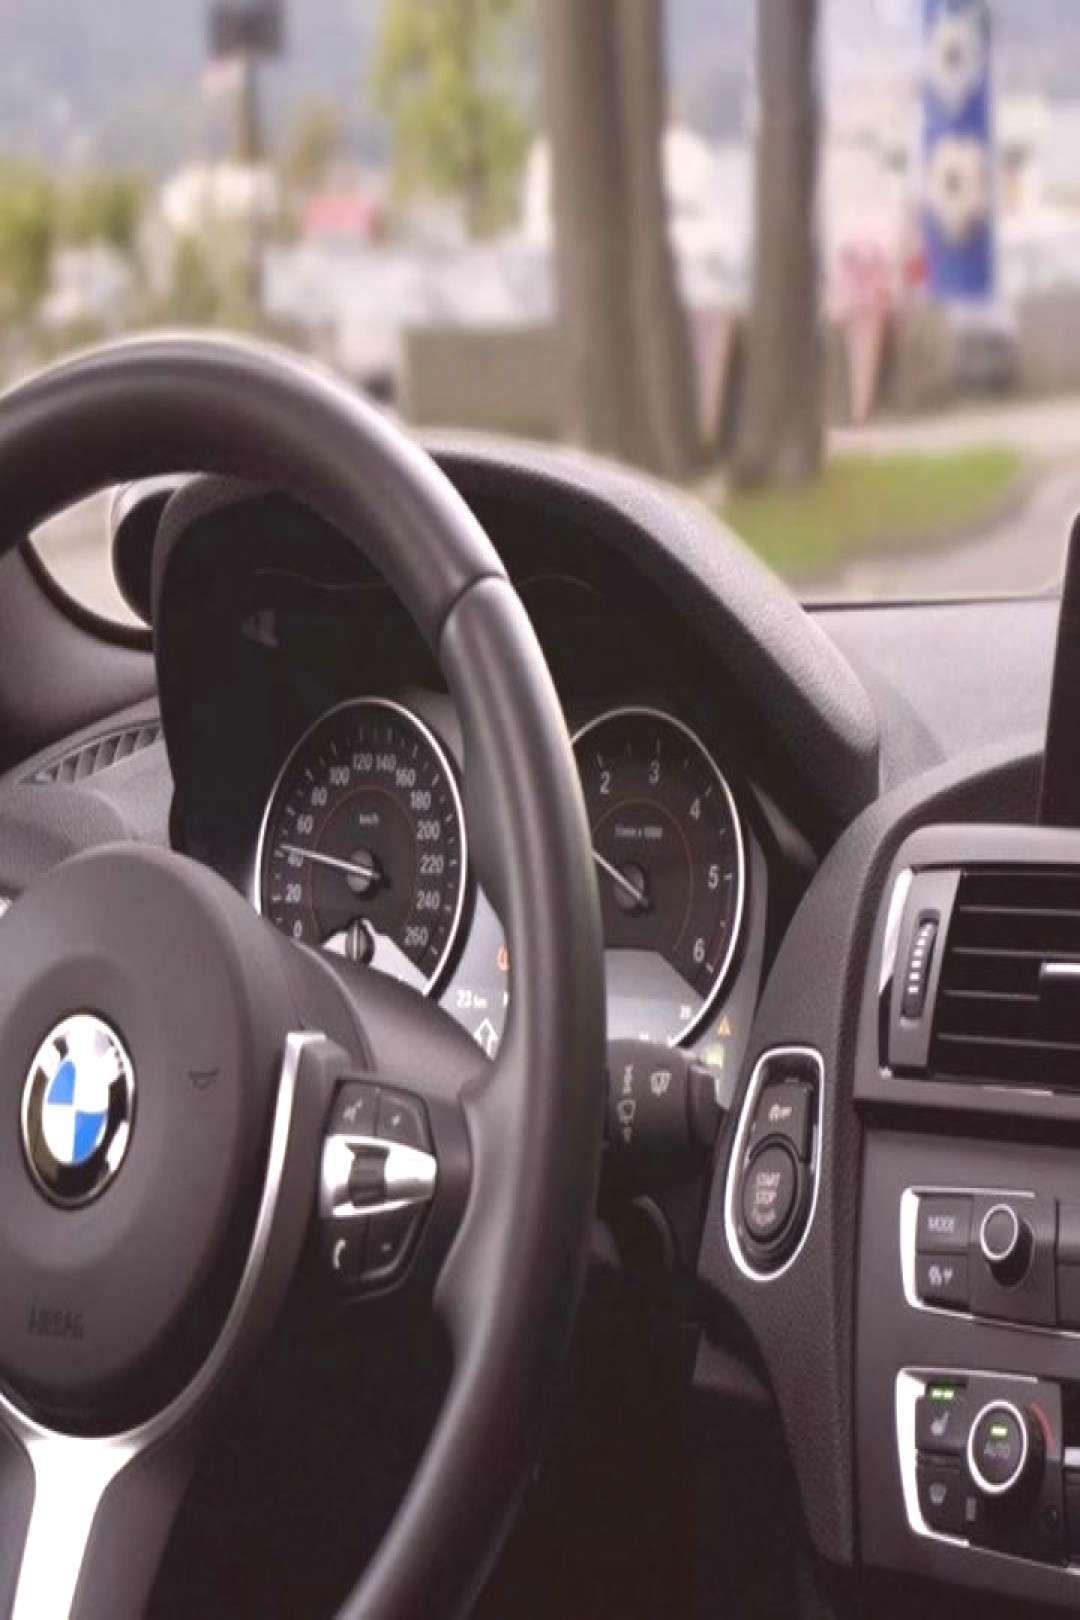 serviengine volkswagen cobertura scanner cuenta